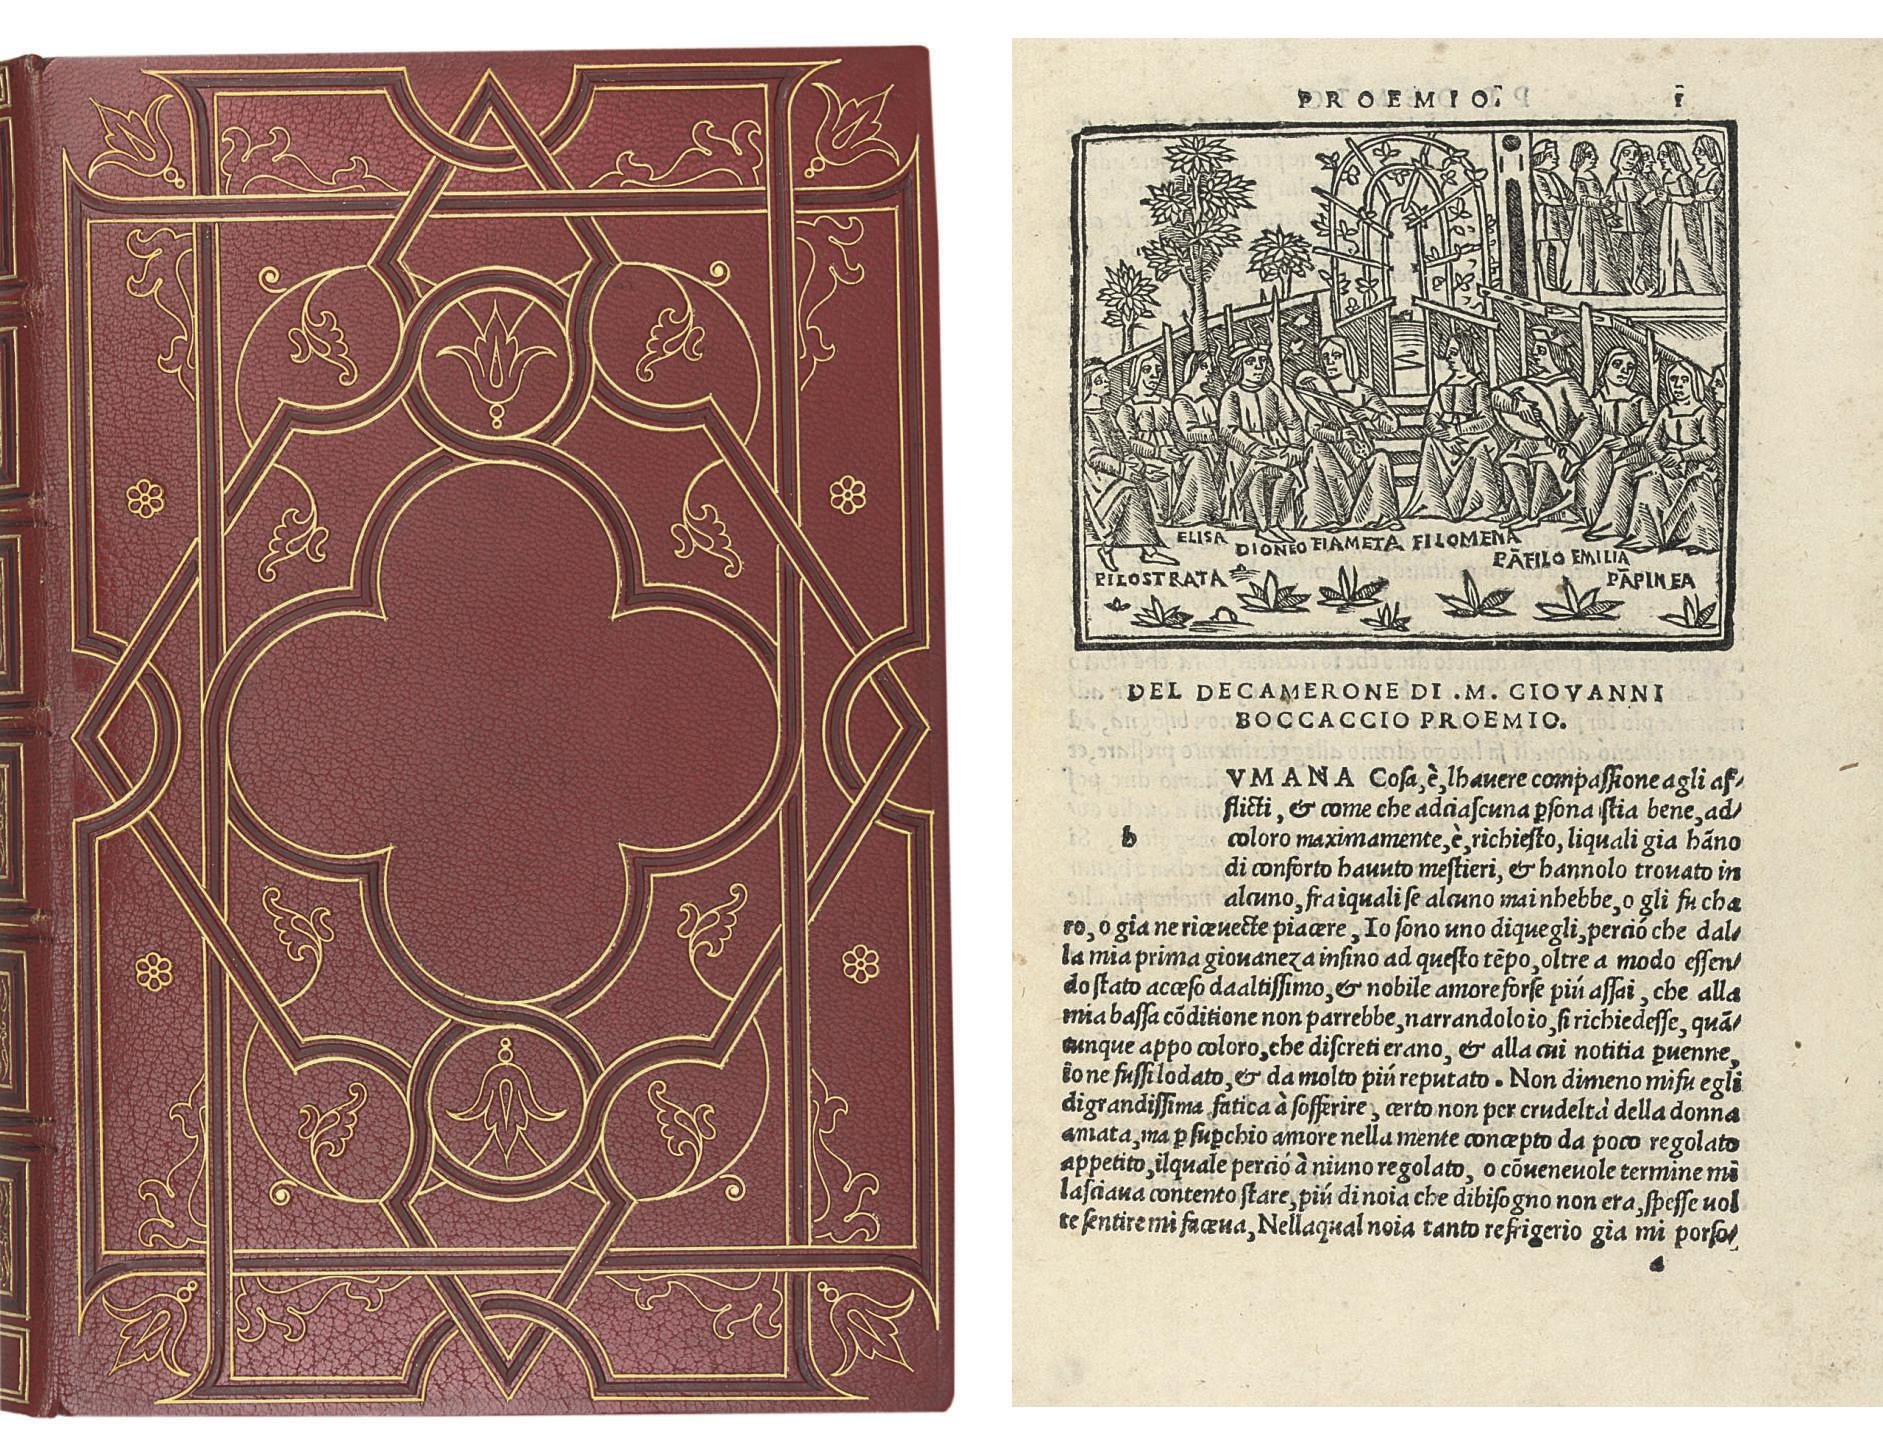 BOCCACCIO, Giovanni (1313-1373